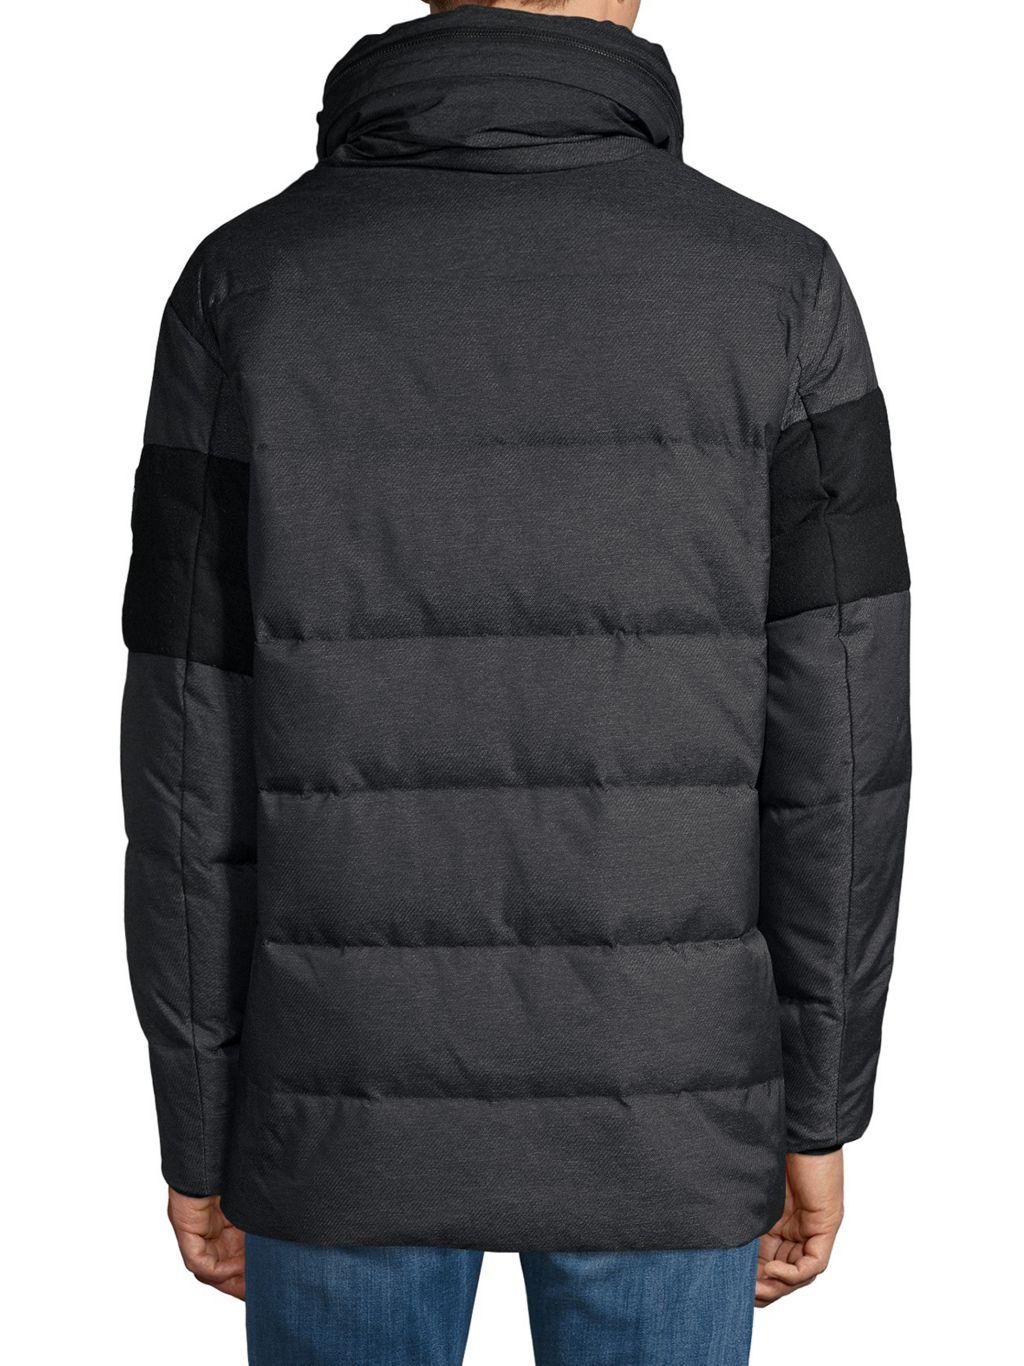 Karl Lagerfeld Paris Hooded Puffer Jacket